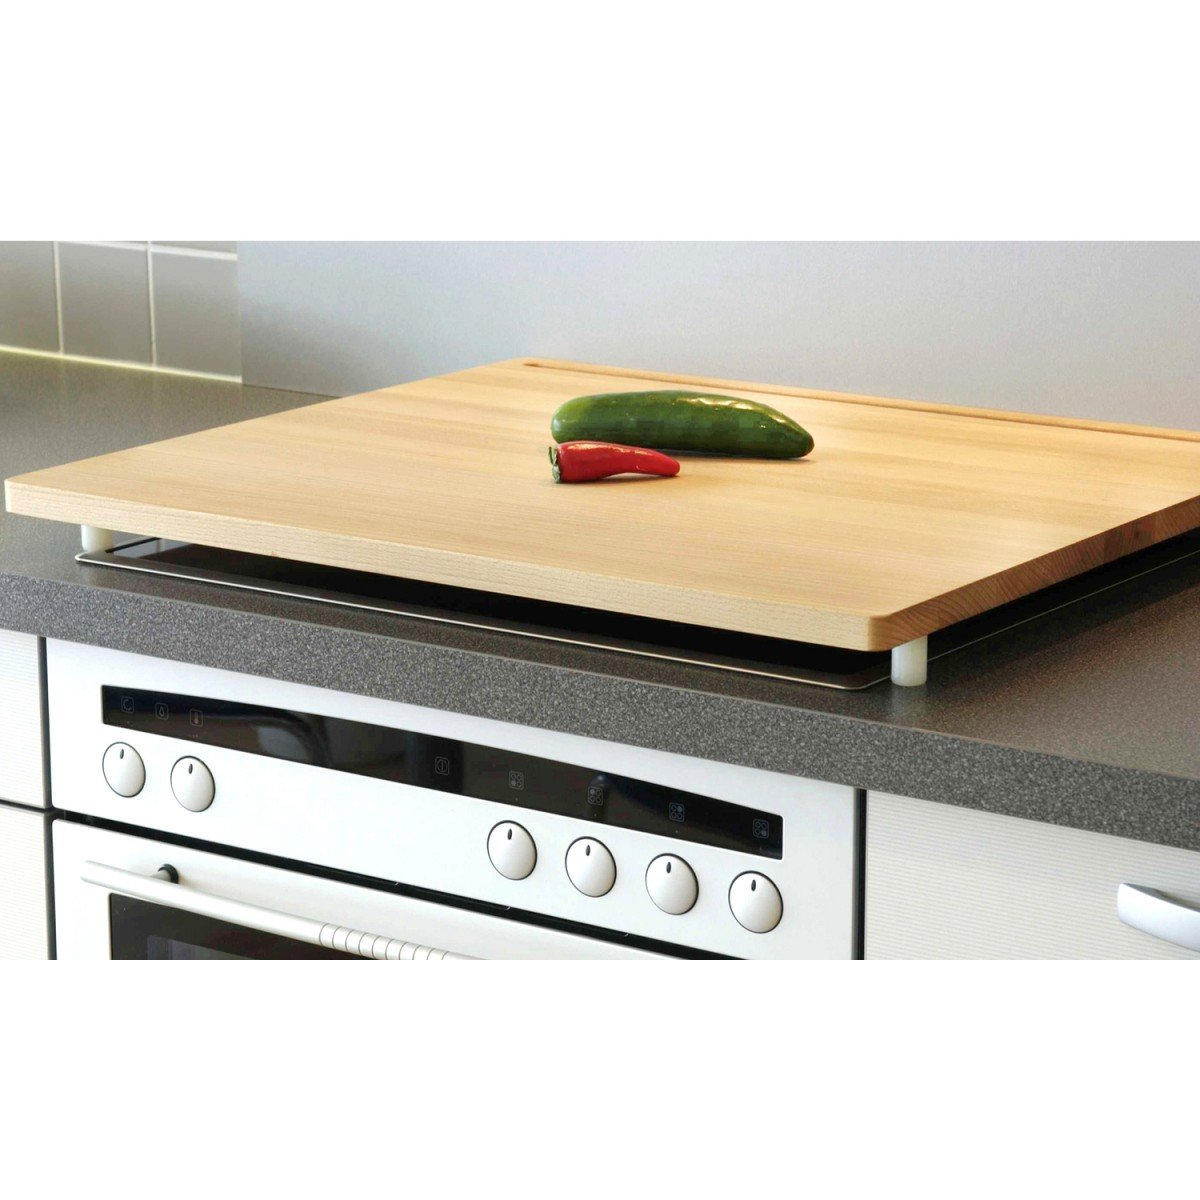 HELO Herd-Arbeitsplatte Buche geölt, 64x56cm: Amazon.de: Küche ...